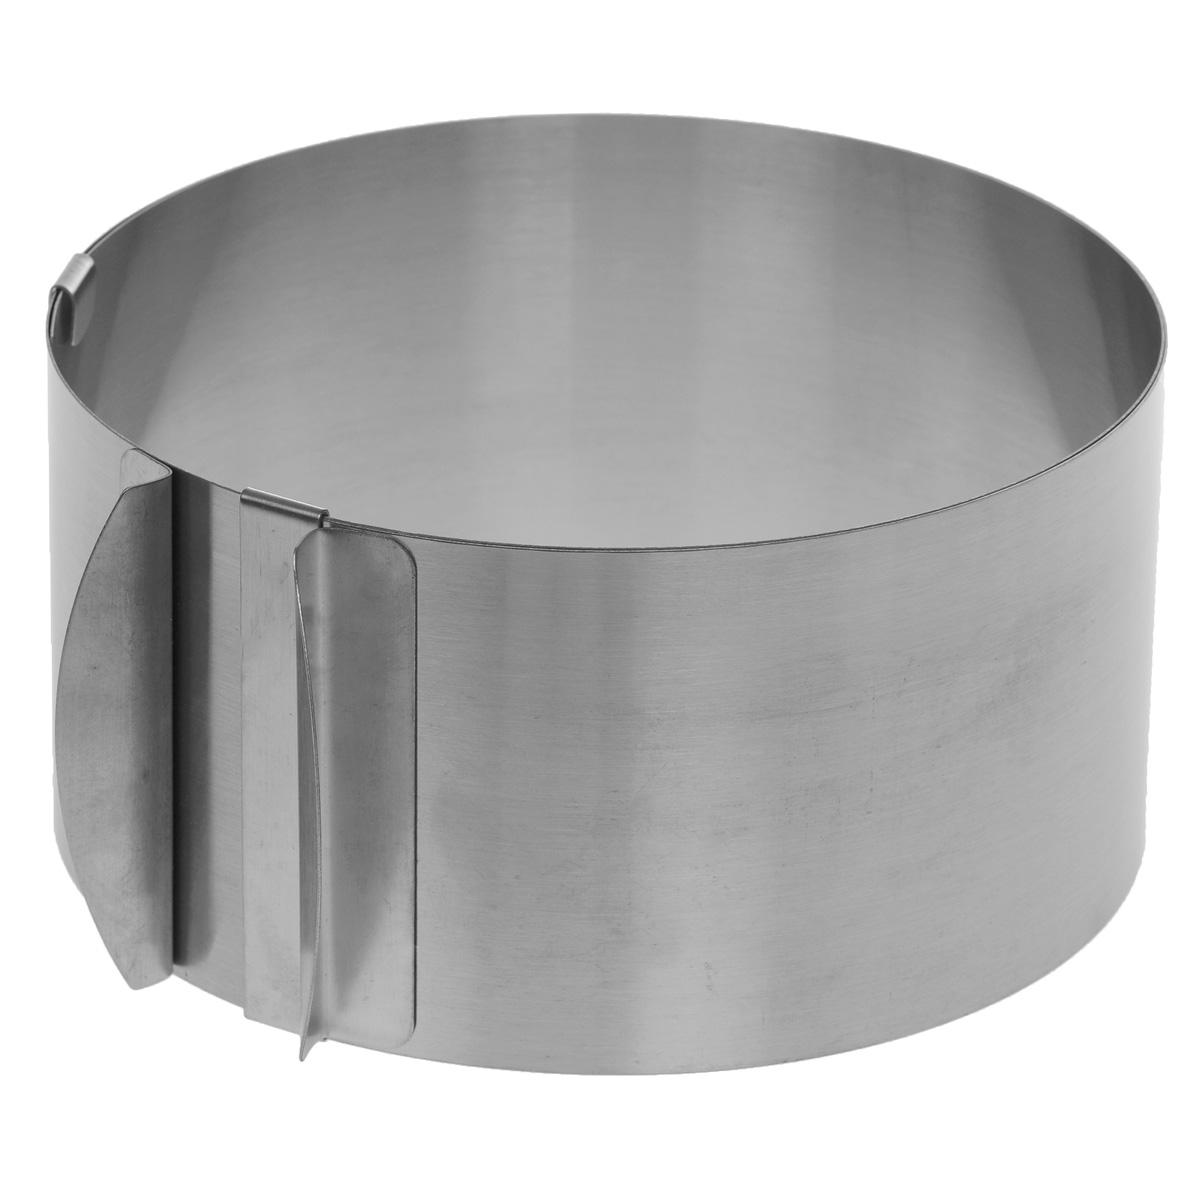 Форма для сборки тортов,салатов, закусок, десертов Cake Mould, раздвижная, диаметр 16-30 смSL-PJ028Форма для сборки тортов, салатов, закусок, десертов Cake Mould выполнена из высококачественной нержавеющей стали. Отличительной особенностью данной формы является раздвижная конструкция, благодаря которой форма может изменять диаметр от 16 см до 30 см. На внутренней стенке имеется шкала с диаметрами.Такая форма станет незаменимым помощником на вашей кухне.Можно мыть в посудомоечной машине.Диаметр формы: 16-30 см. Высота стенок: 8,5 см. * Победитель номинации «Лучшая собственная торговая марка в сегменте ONLINE»Премия PRIVATE LABEL AWARDS (by IPLS) —международная премия в области собственных торговых марок, созданная компанией Reed Exhibitions в рамках выставки «Собственная Торговая Марка» (IPLS) 2016 с целью поощрения розничных сетей, а также производителей продовольственных и непродовольственных товаров за их вклад в развитие качественных товаров private label, которые способствуют росту уровня покупательского доверия в России и СНГ.